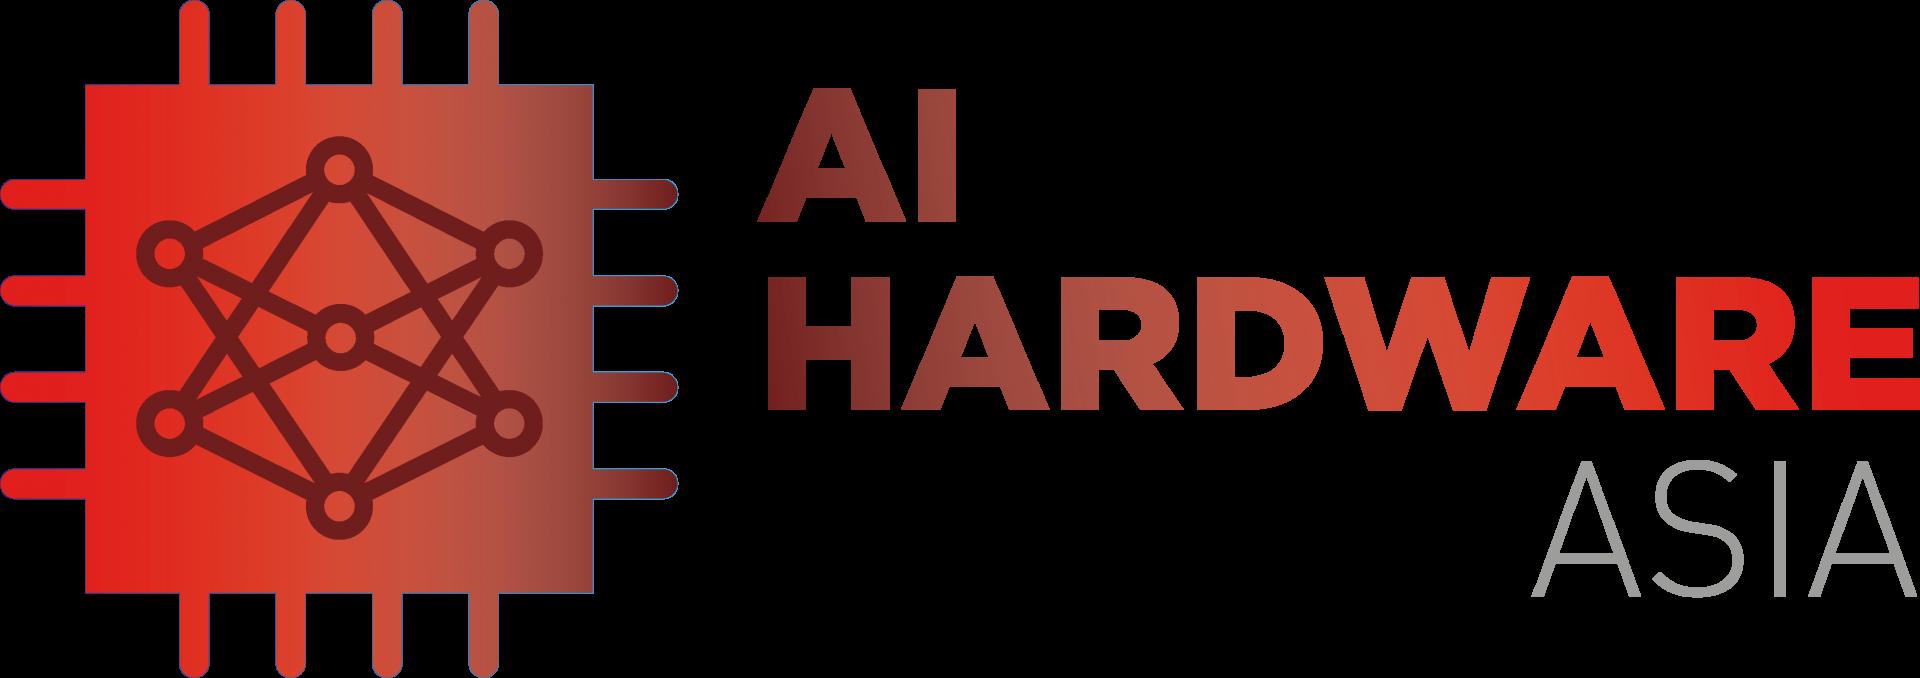 AI Hardware Summit Asia